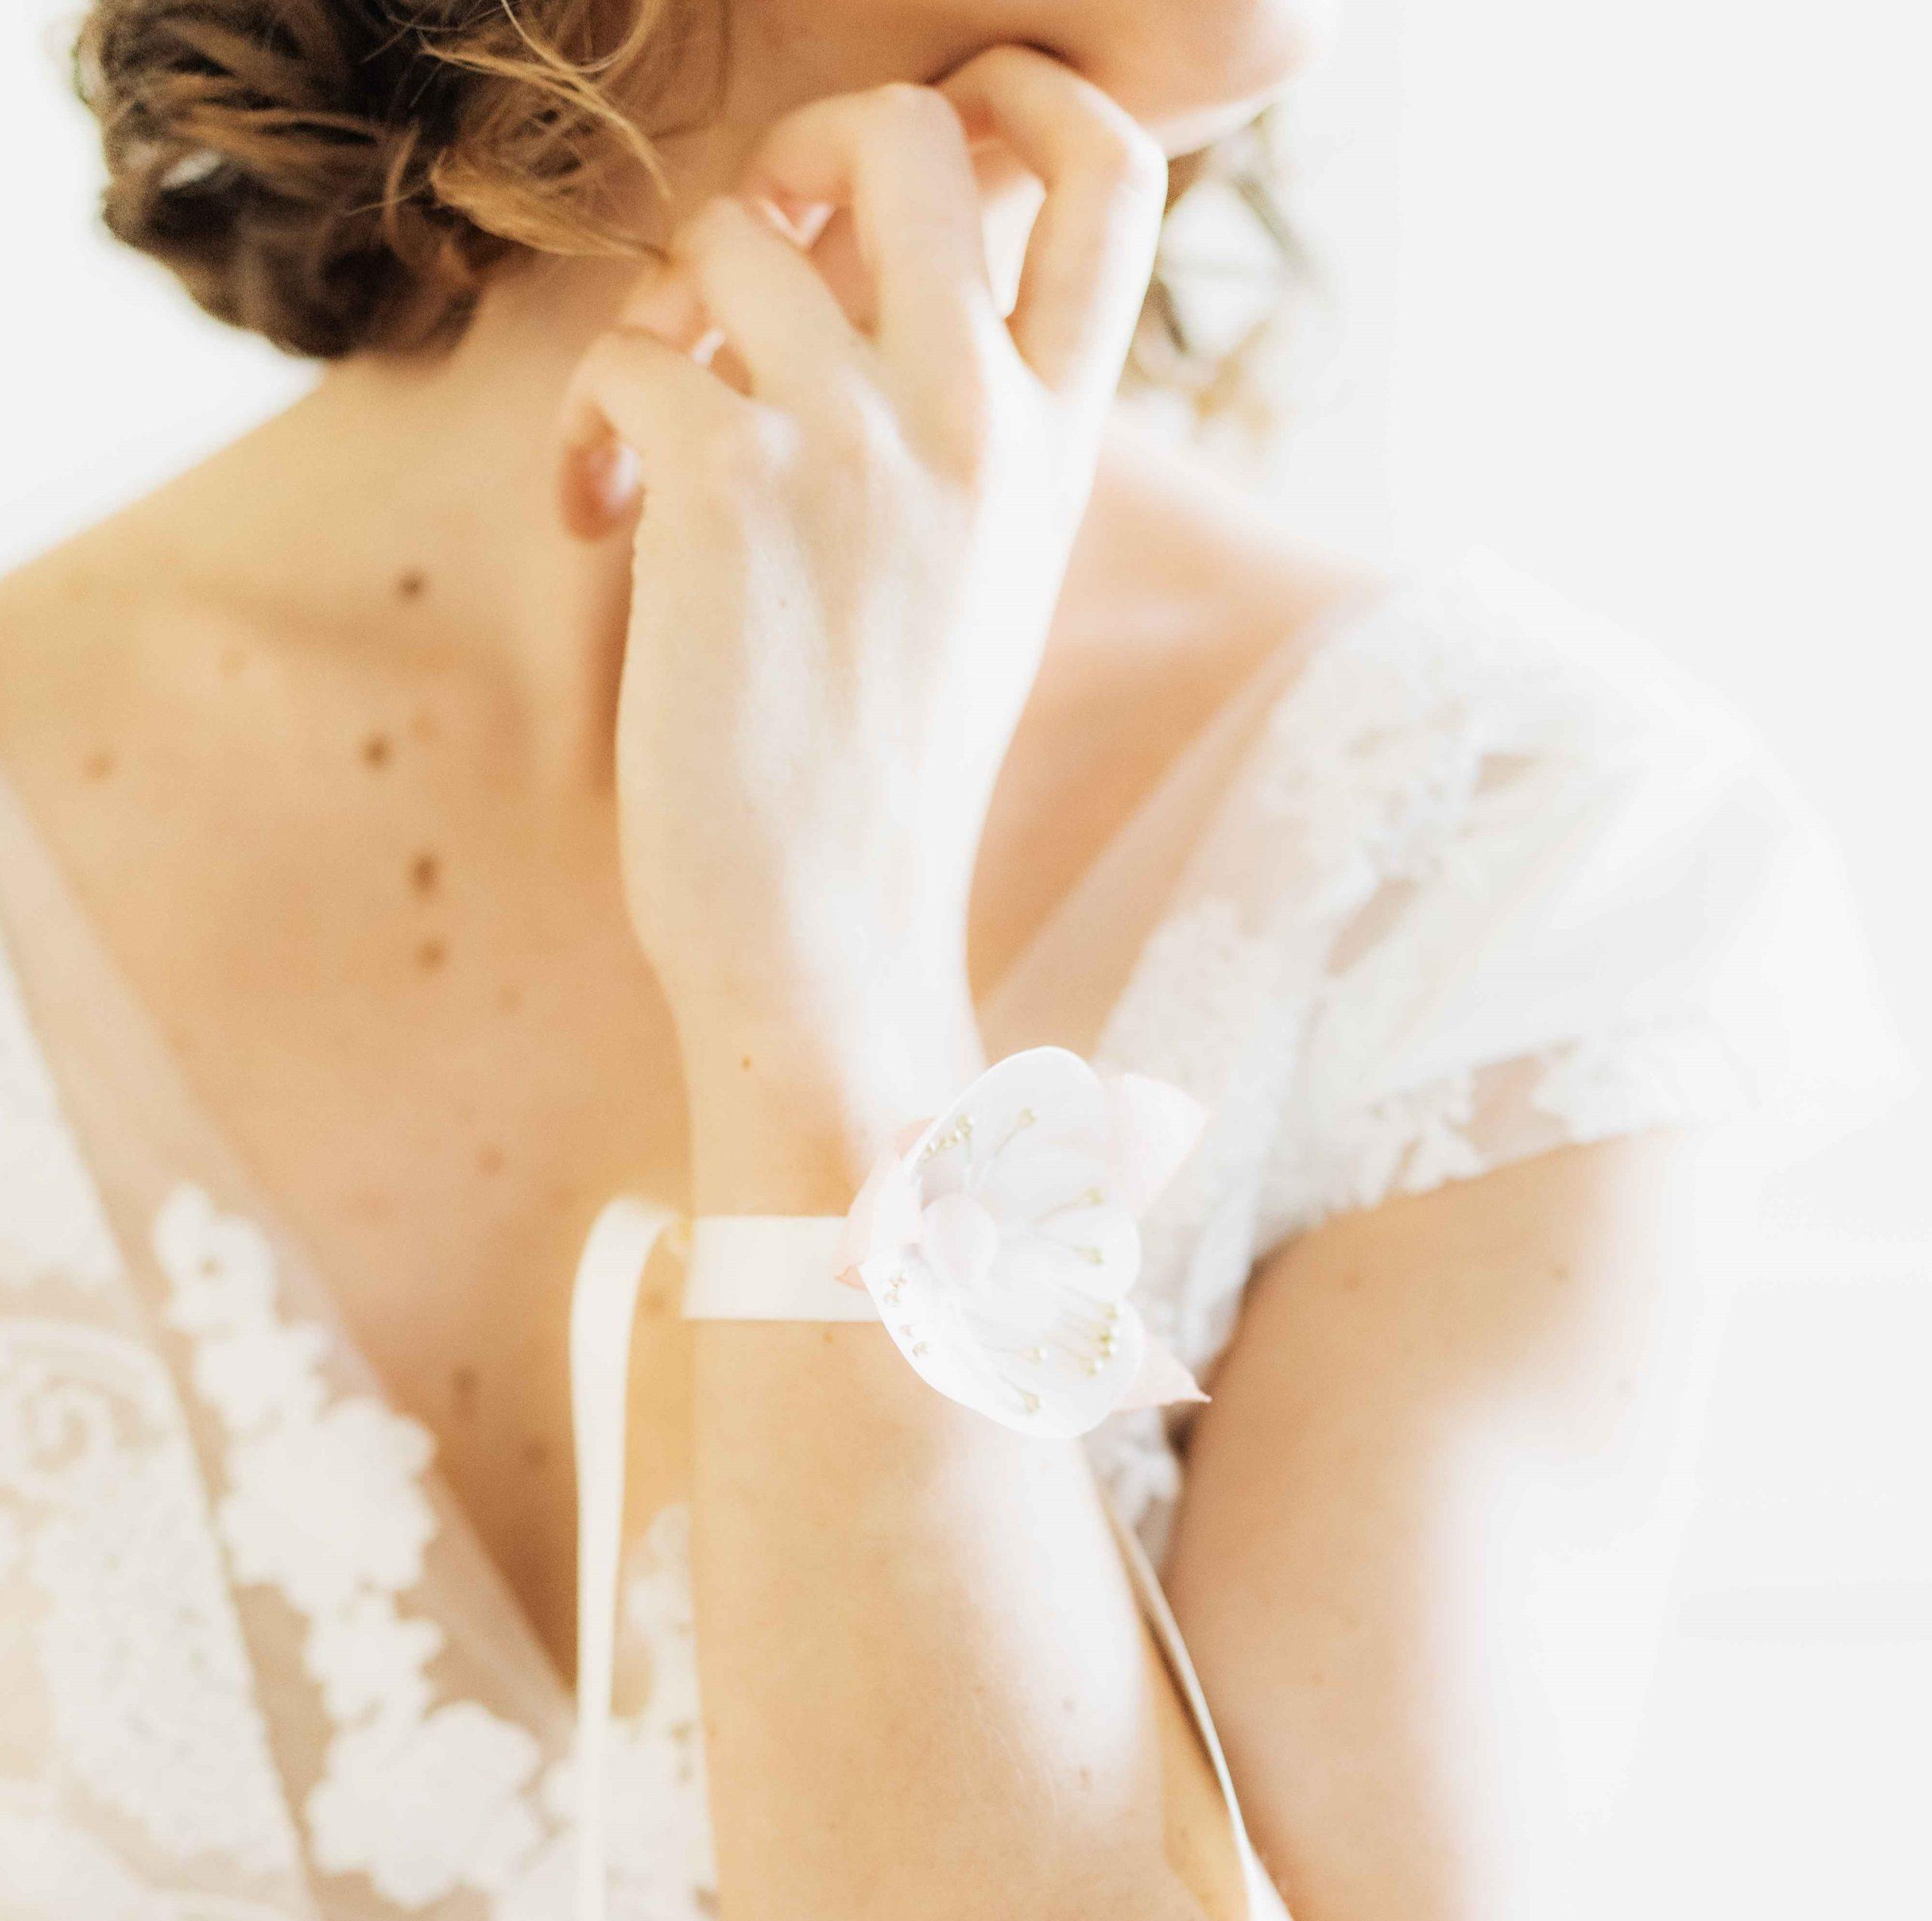 Bracelet Eléonore 4 Alice Marty - Couture florale Accessoires Mariage